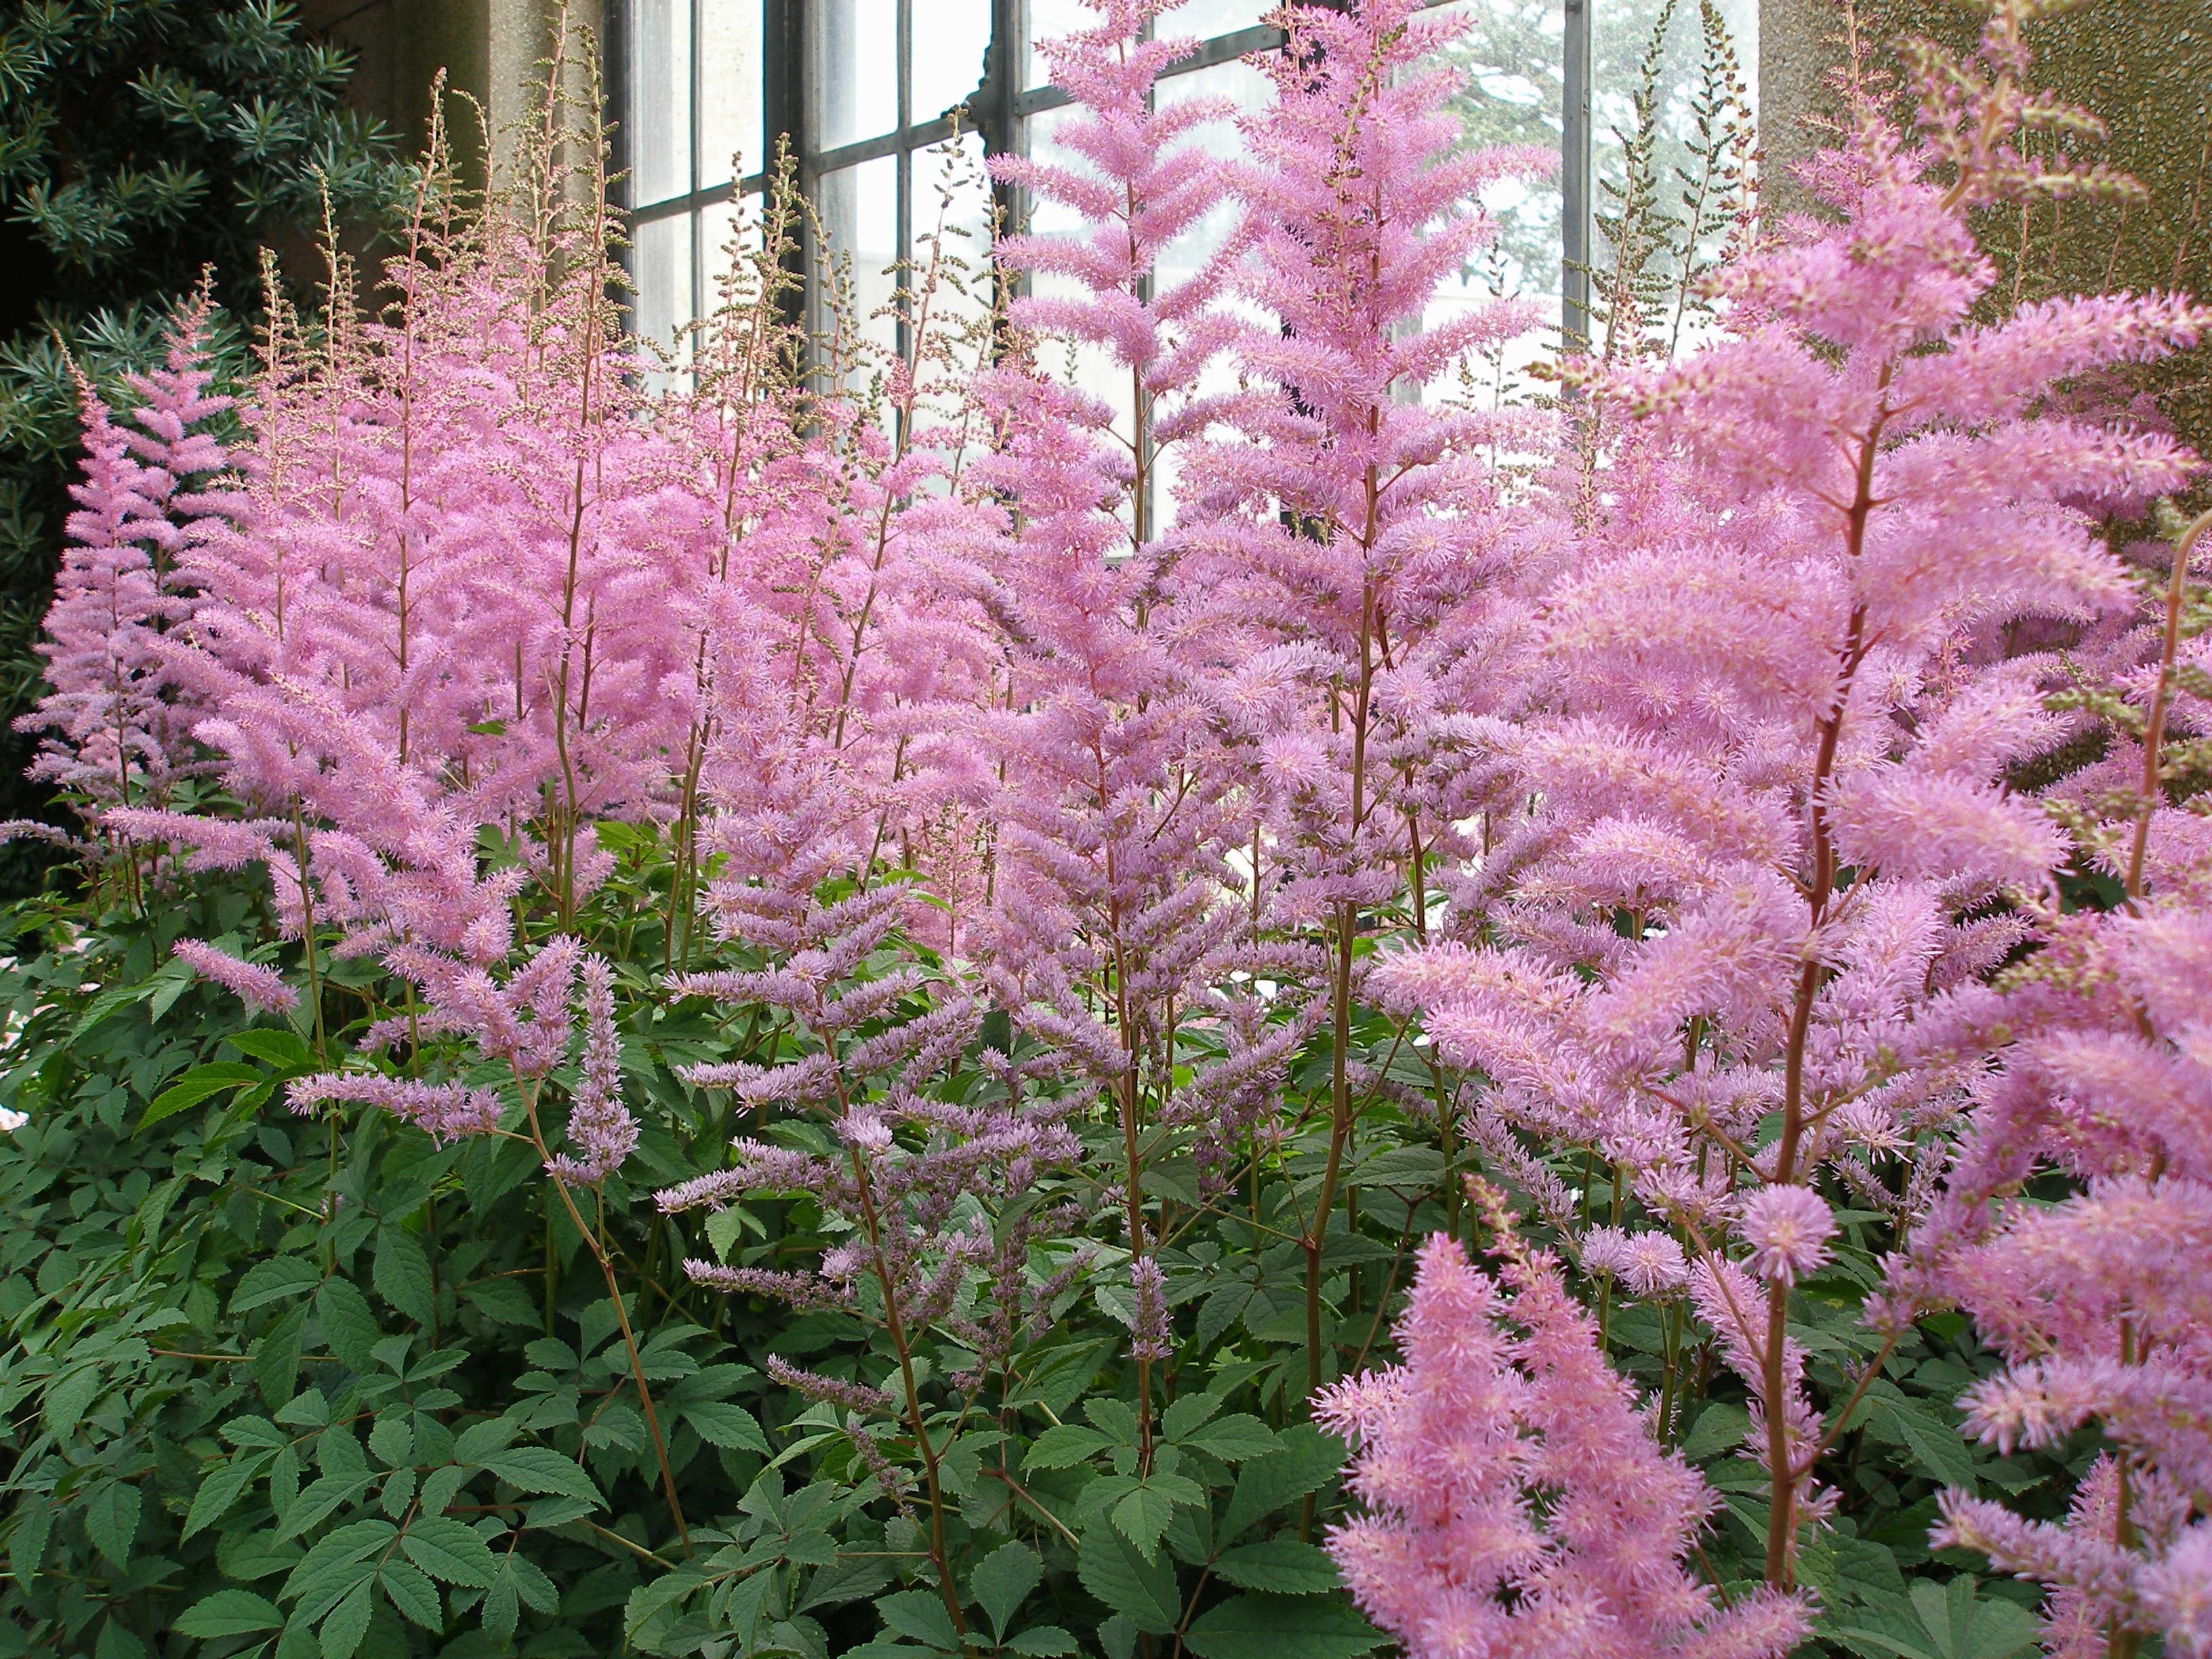 images gratuites fleur t herbe botanique panouissement rose flore jardinage arbuste. Black Bedroom Furniture Sets. Home Design Ideas